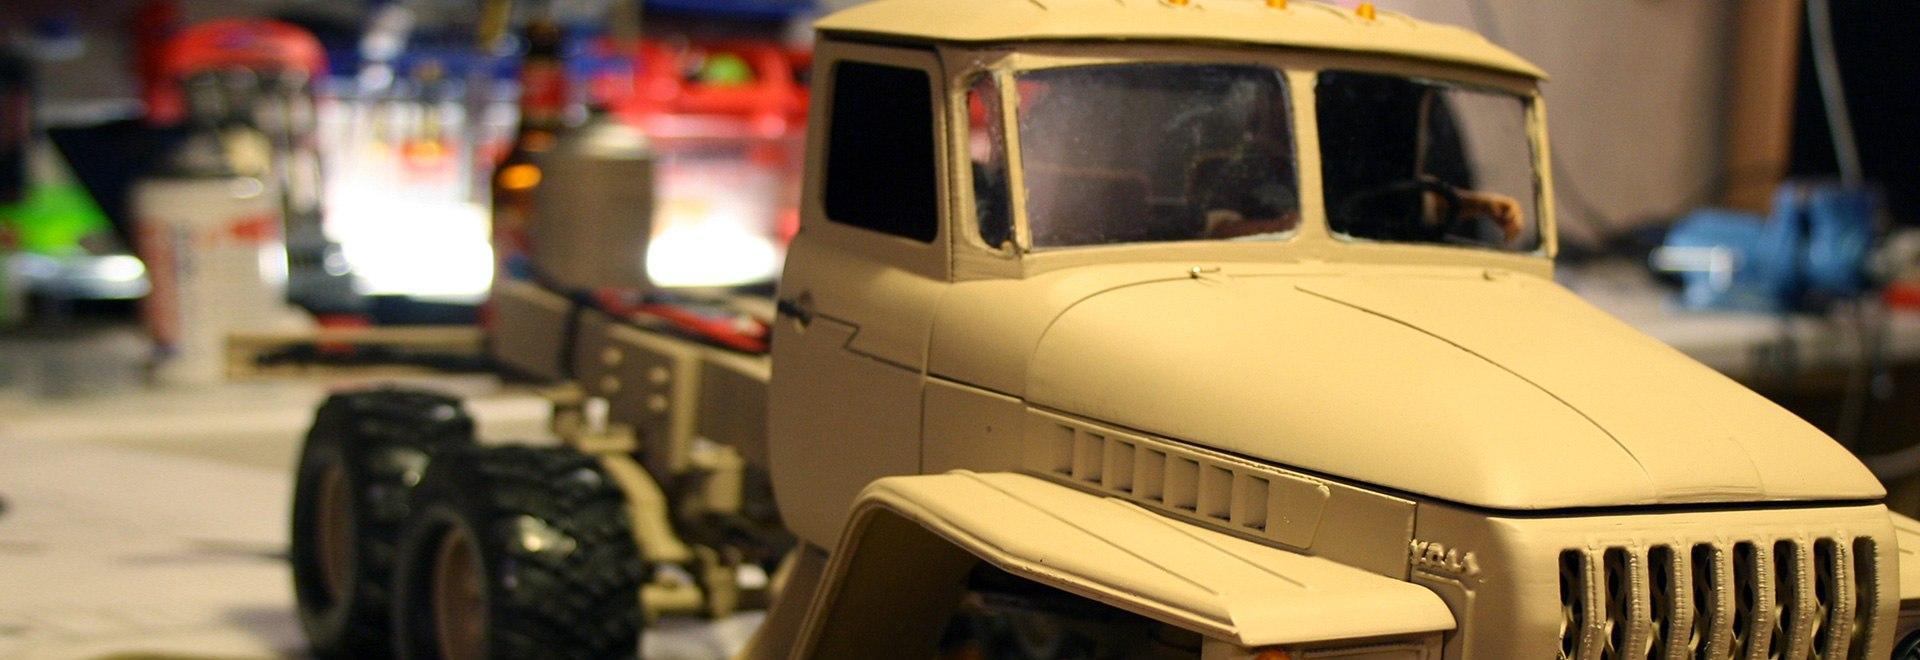 L'aereo antincendio